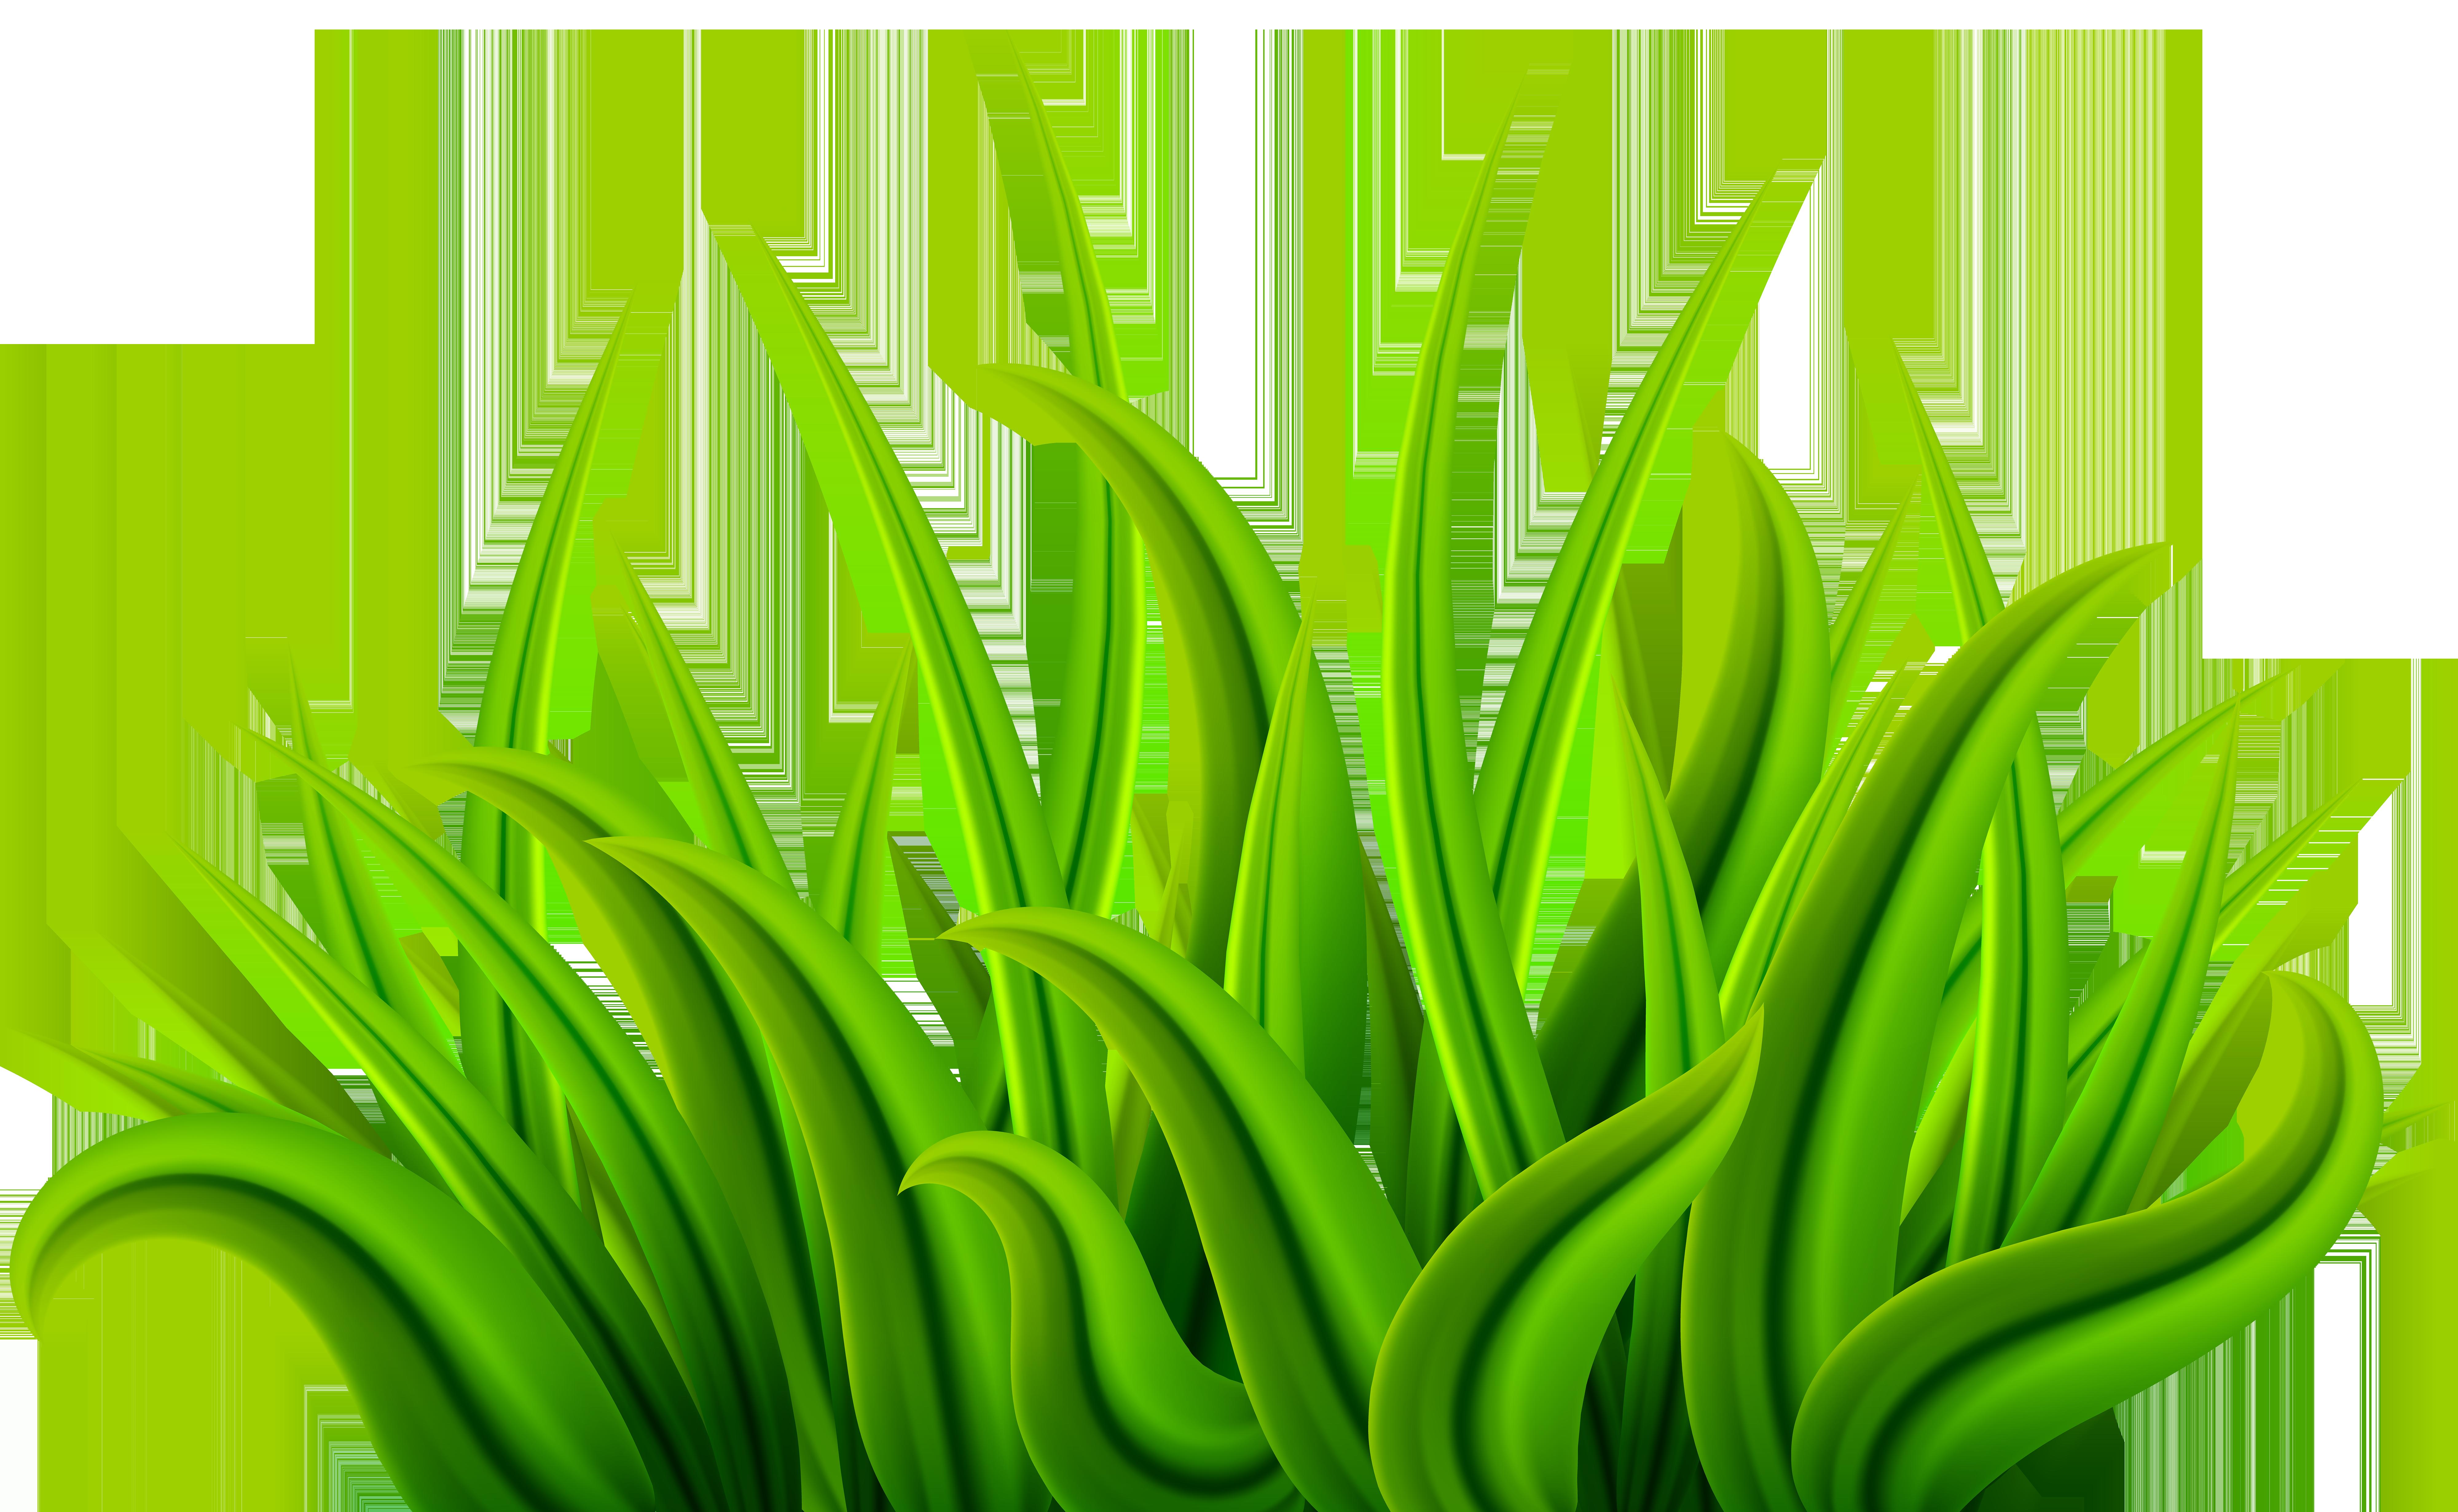 Clipart grass green grass. Png clip art image